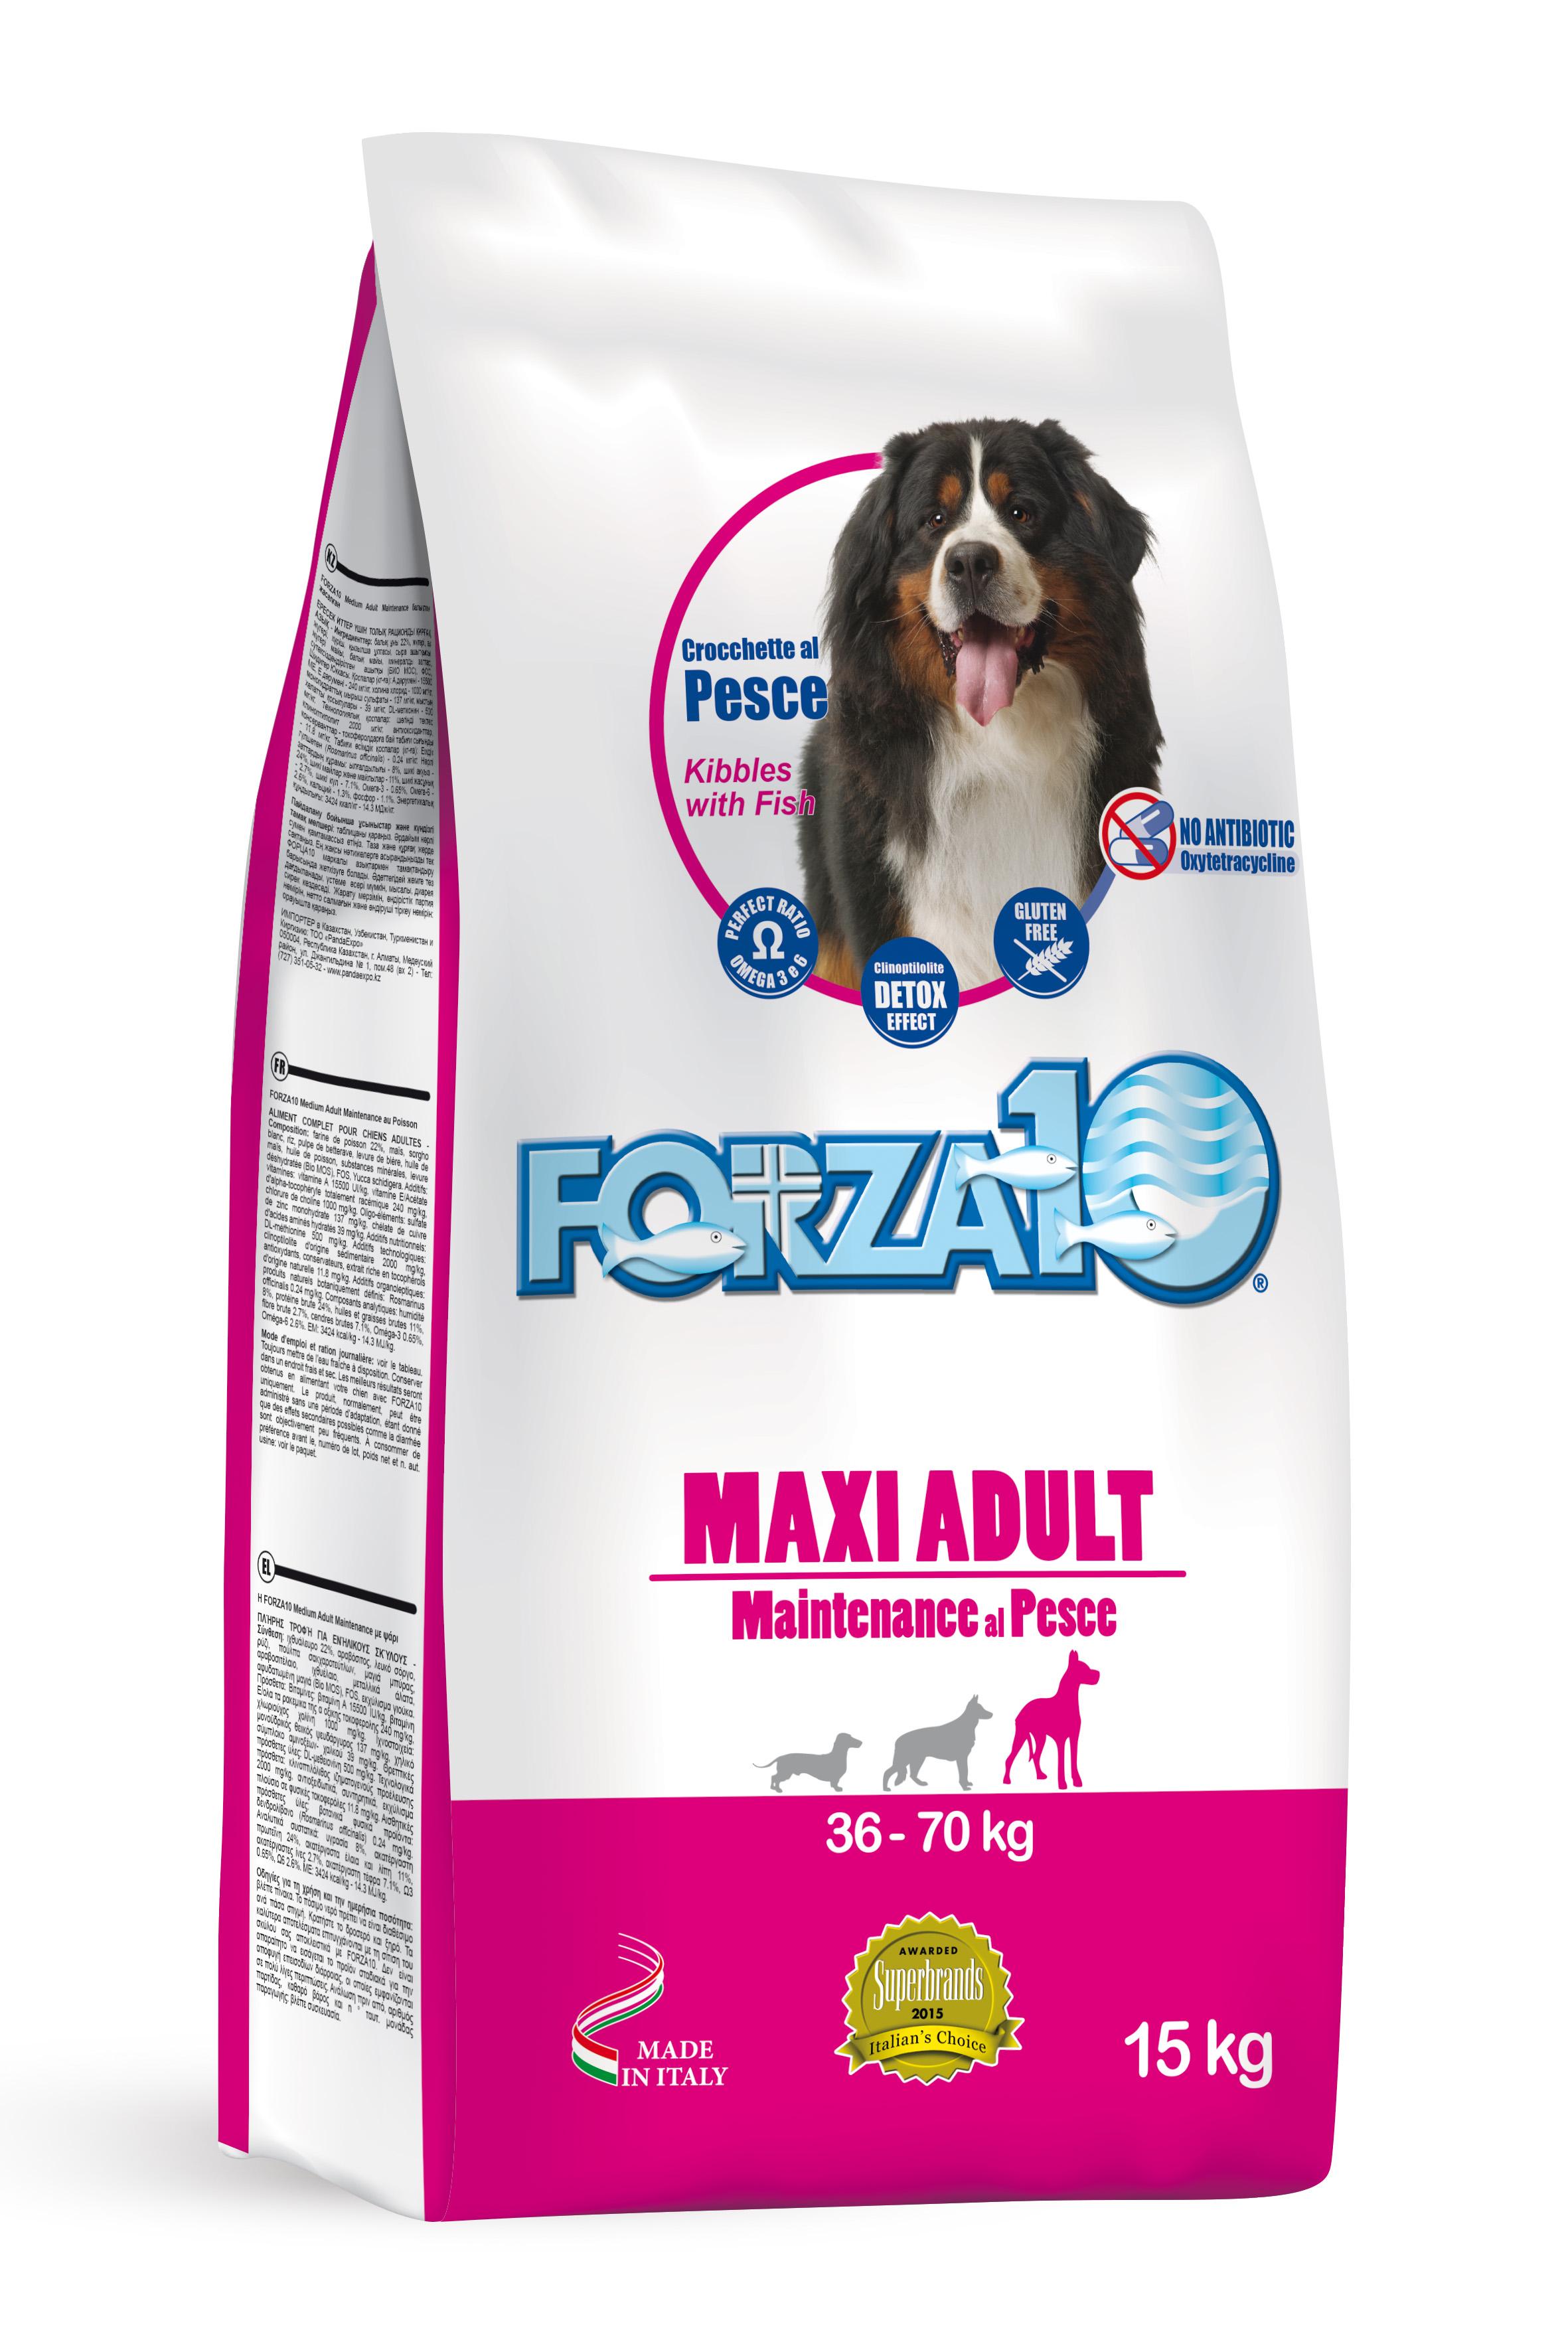 FORZA10 MAXI Mantenimiento PERRO 15kg (PROMO)